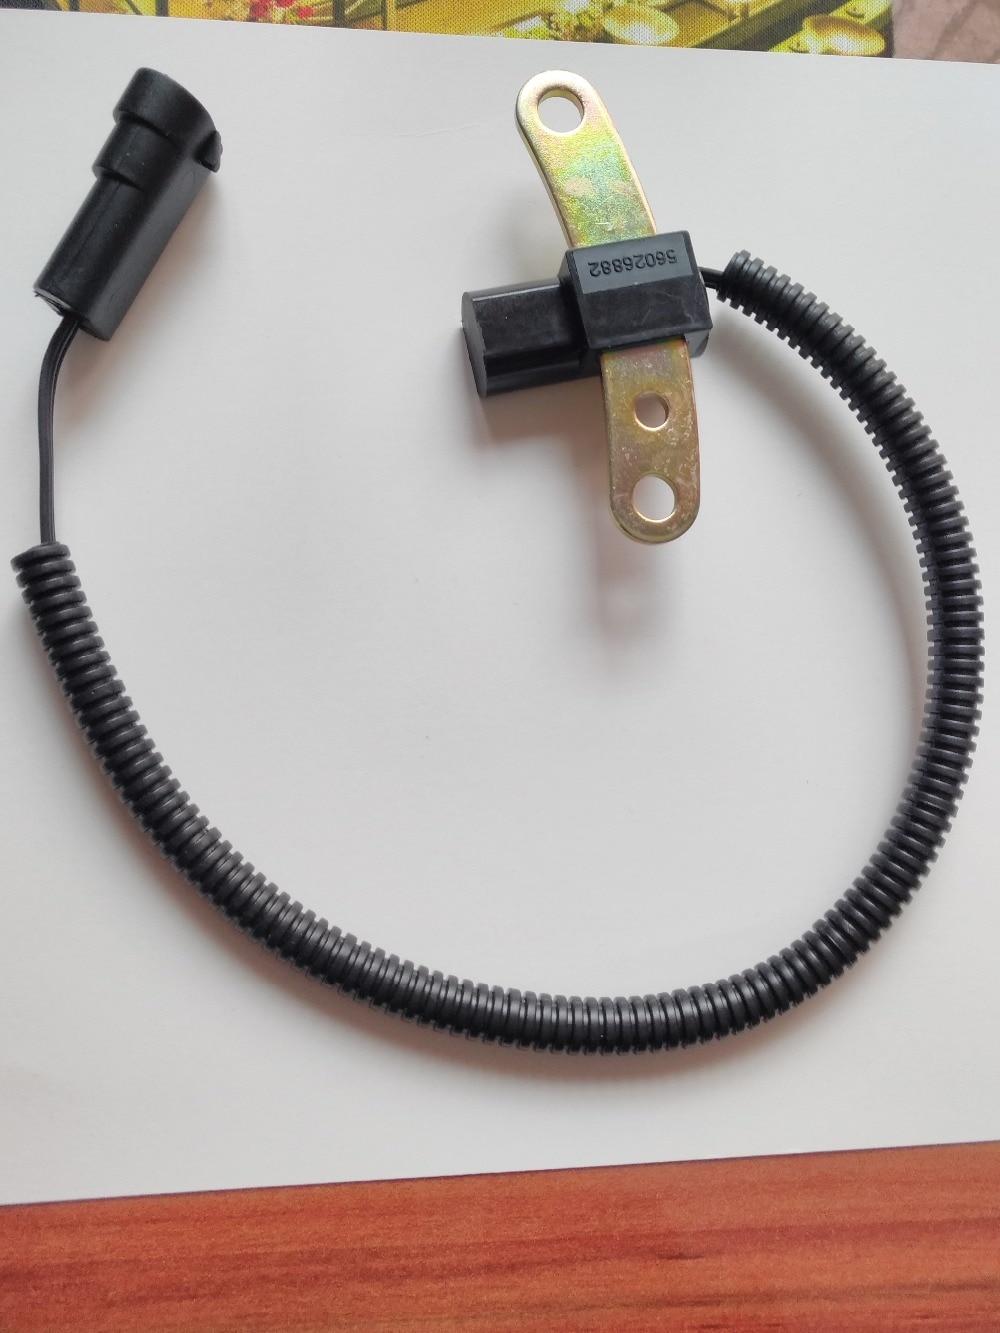 12 месяцев Гарантия качества Датчик положения коленчатого вала для Jeep OE № 56026921/56026882